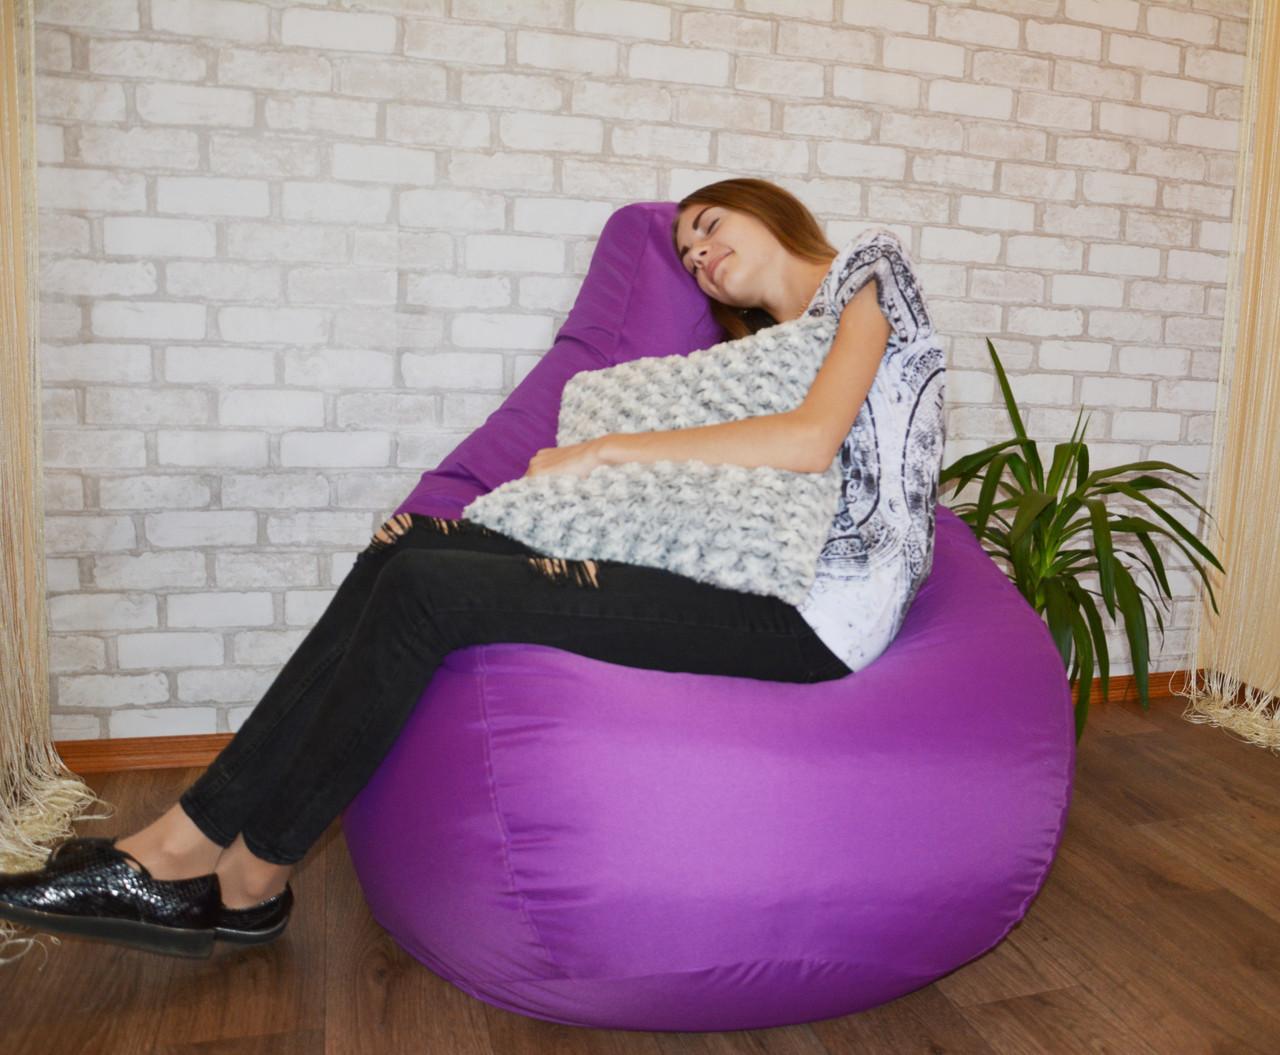 Кресло Мешок, бескаркасное кресло Груша ХХХЛ, цвет фиолетовый